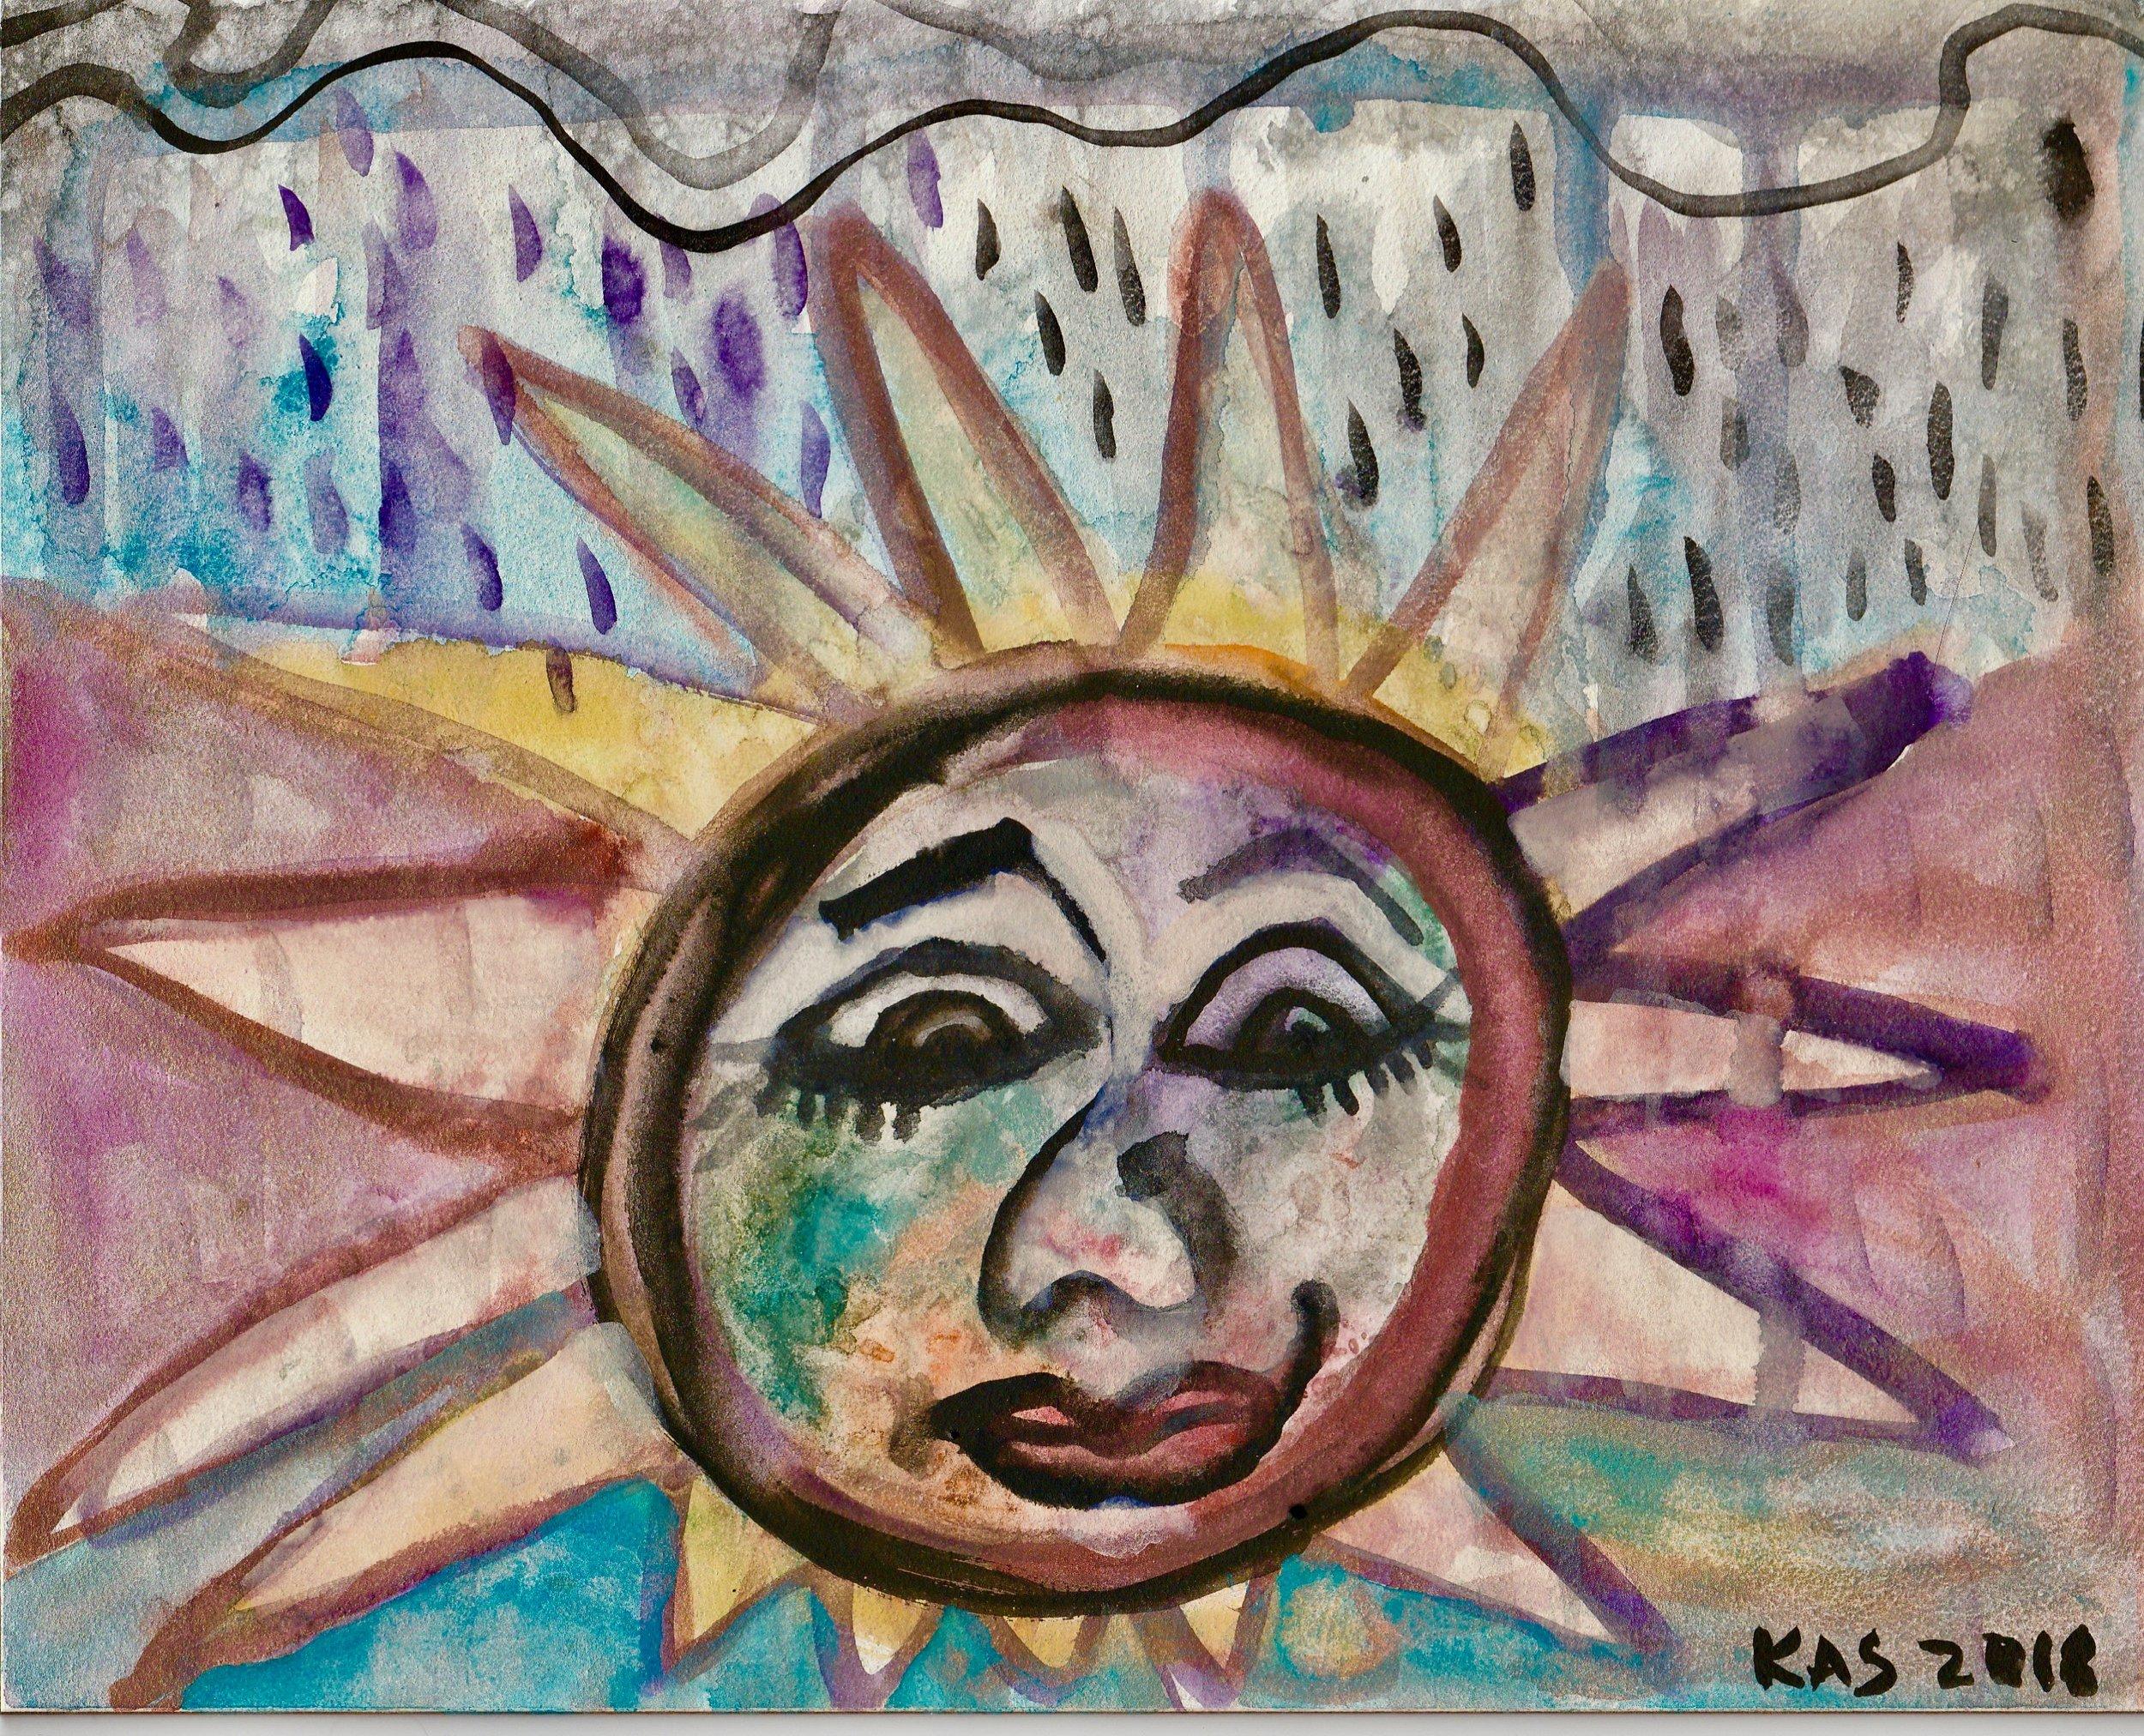 Rainshine by Kathryn Sturges